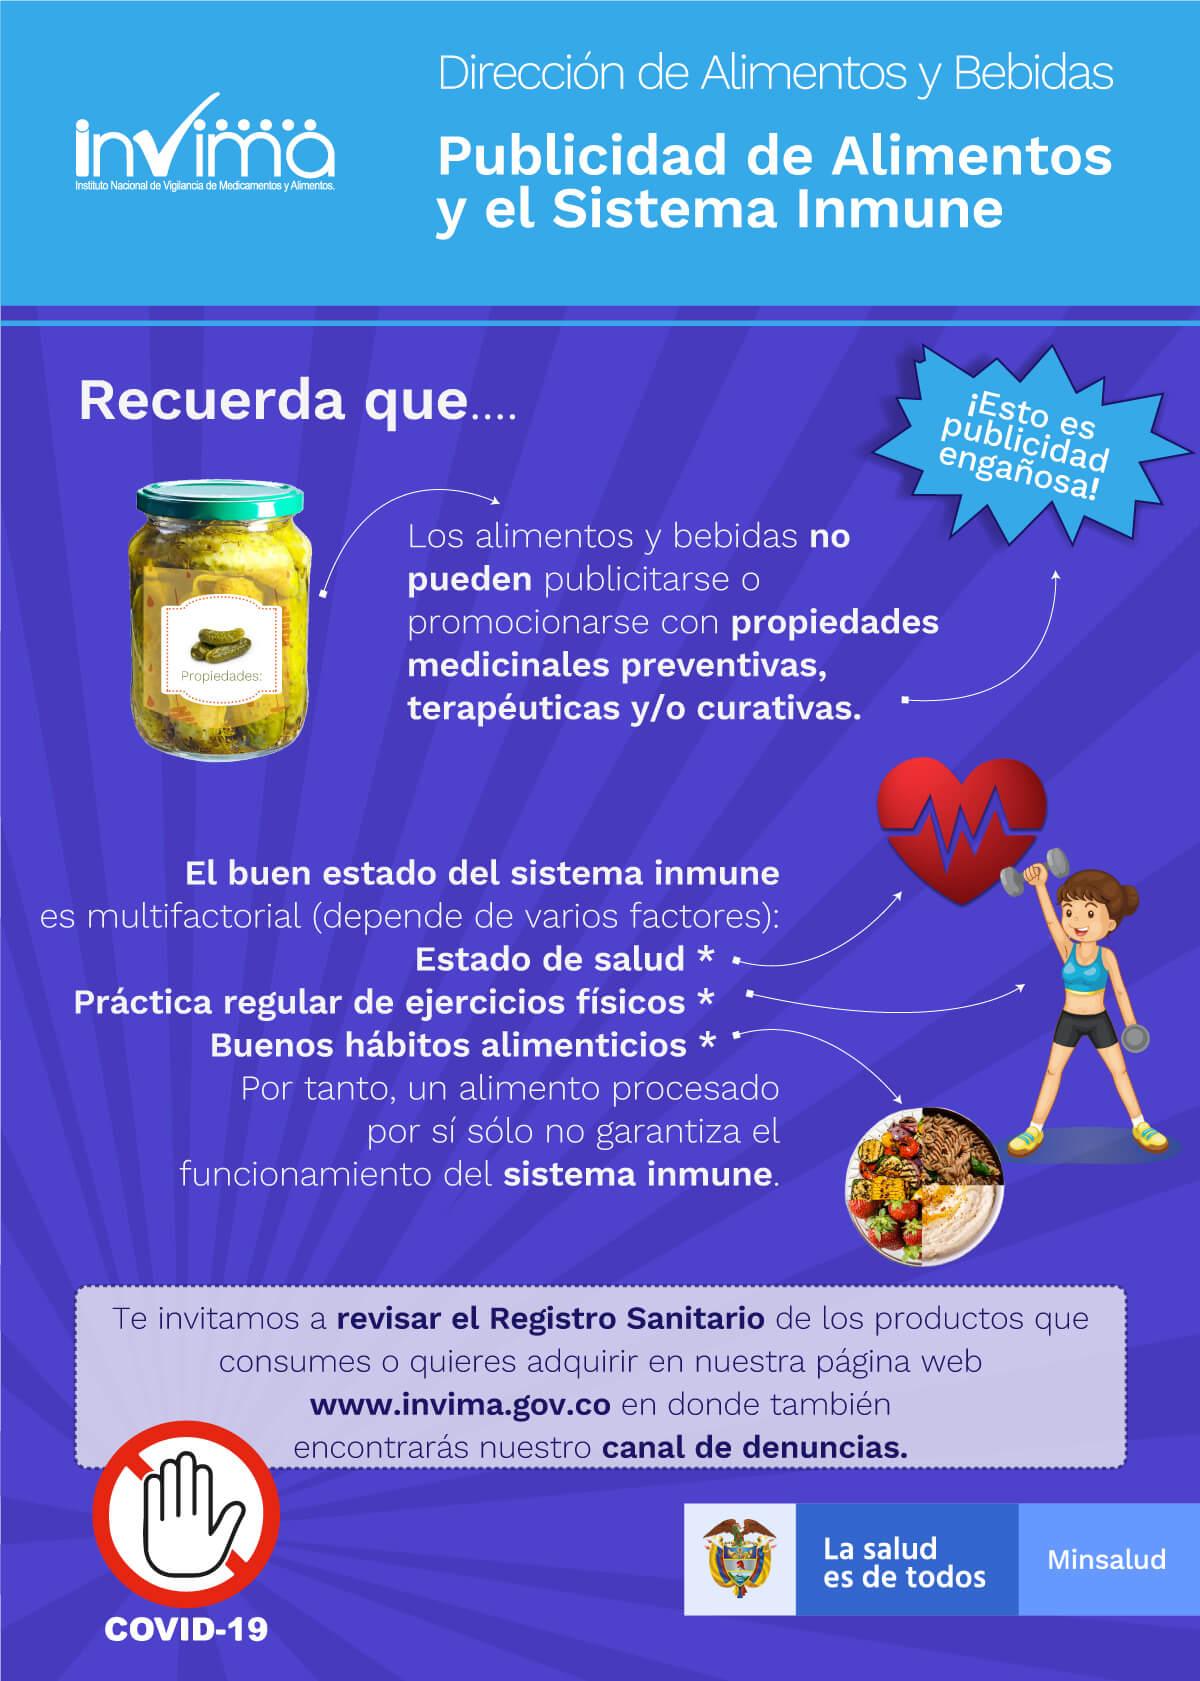 Publicidad de Alimentos y el Sistema Inmune